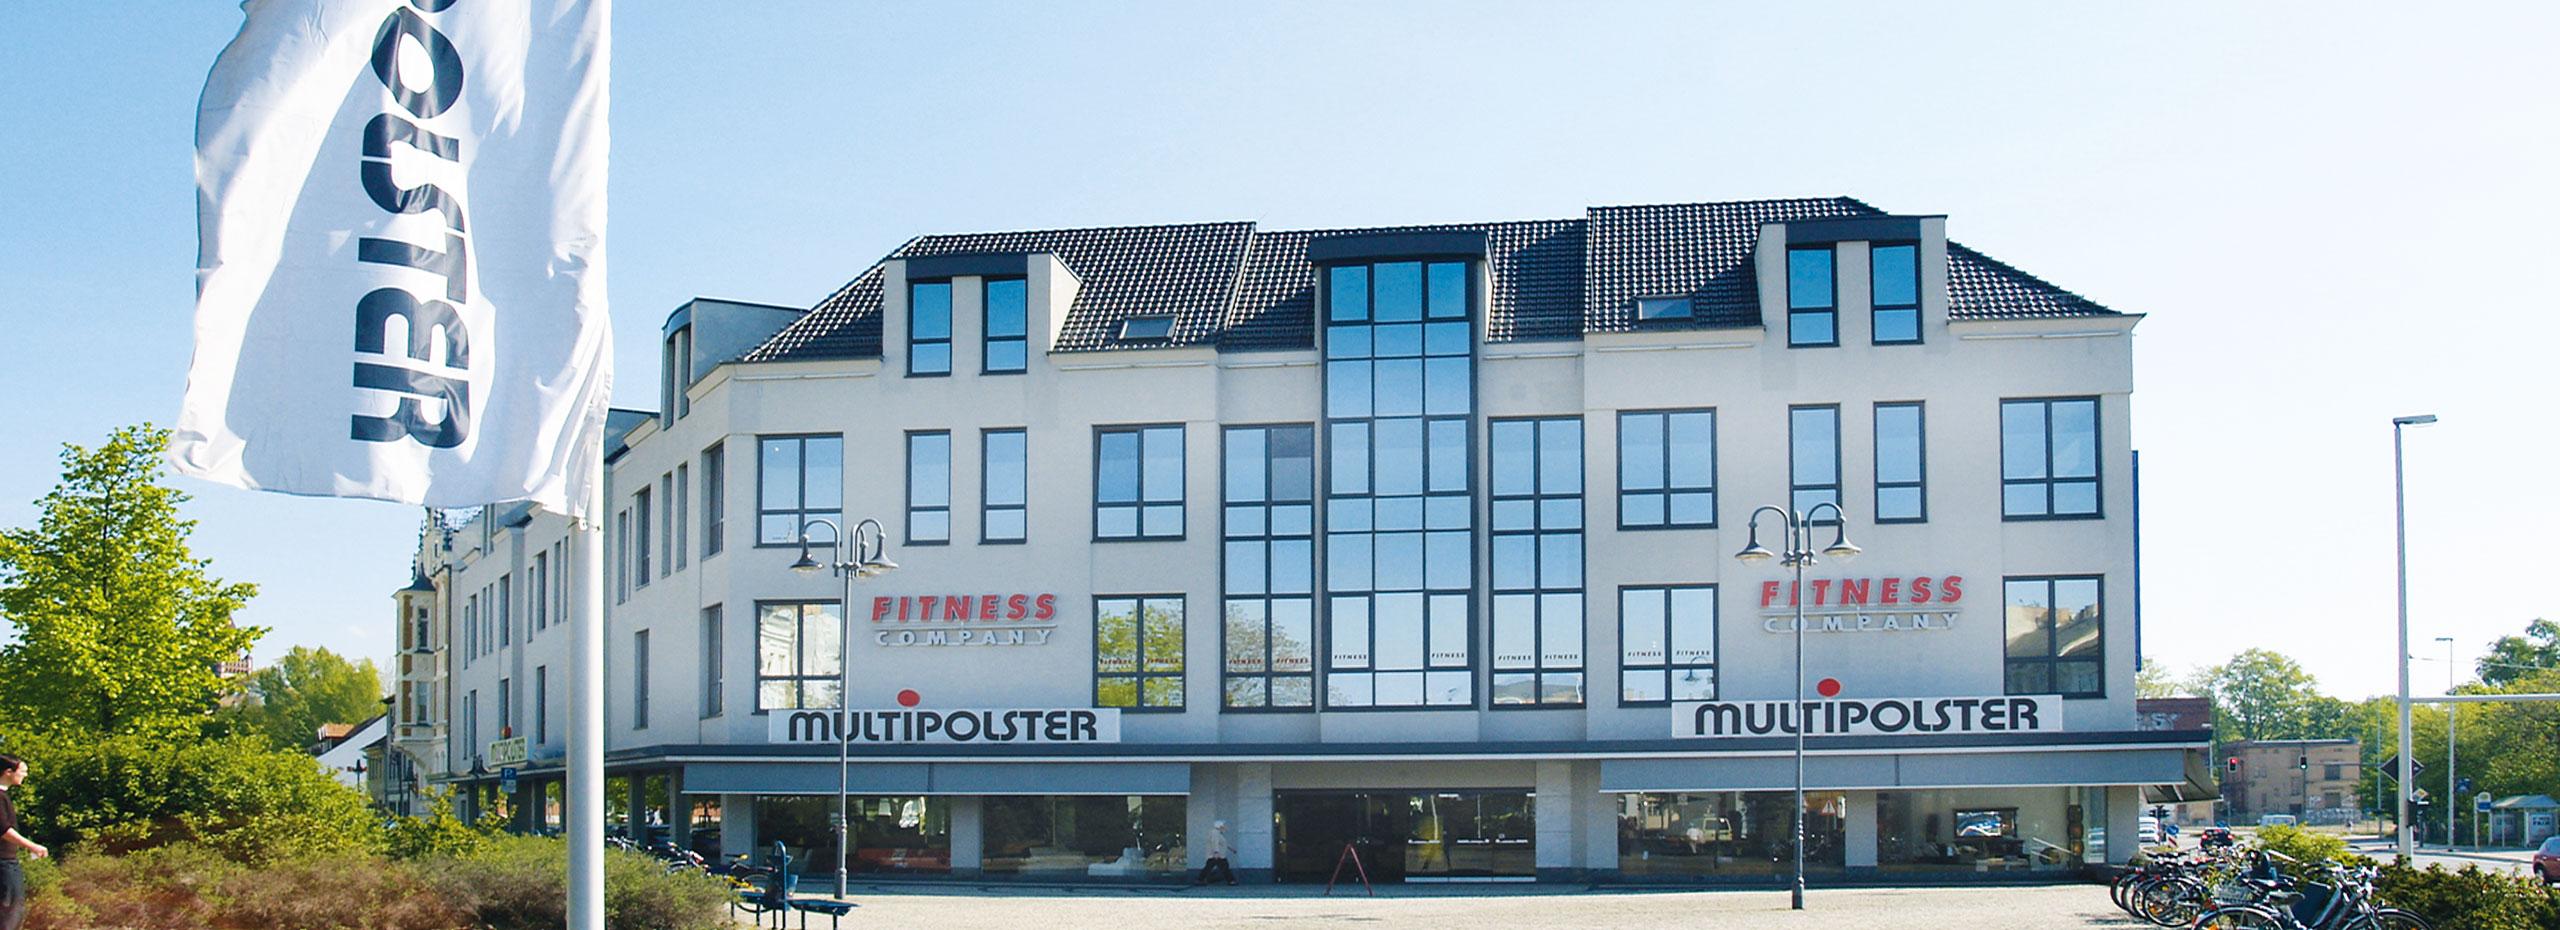 Multipolster - Cottbus